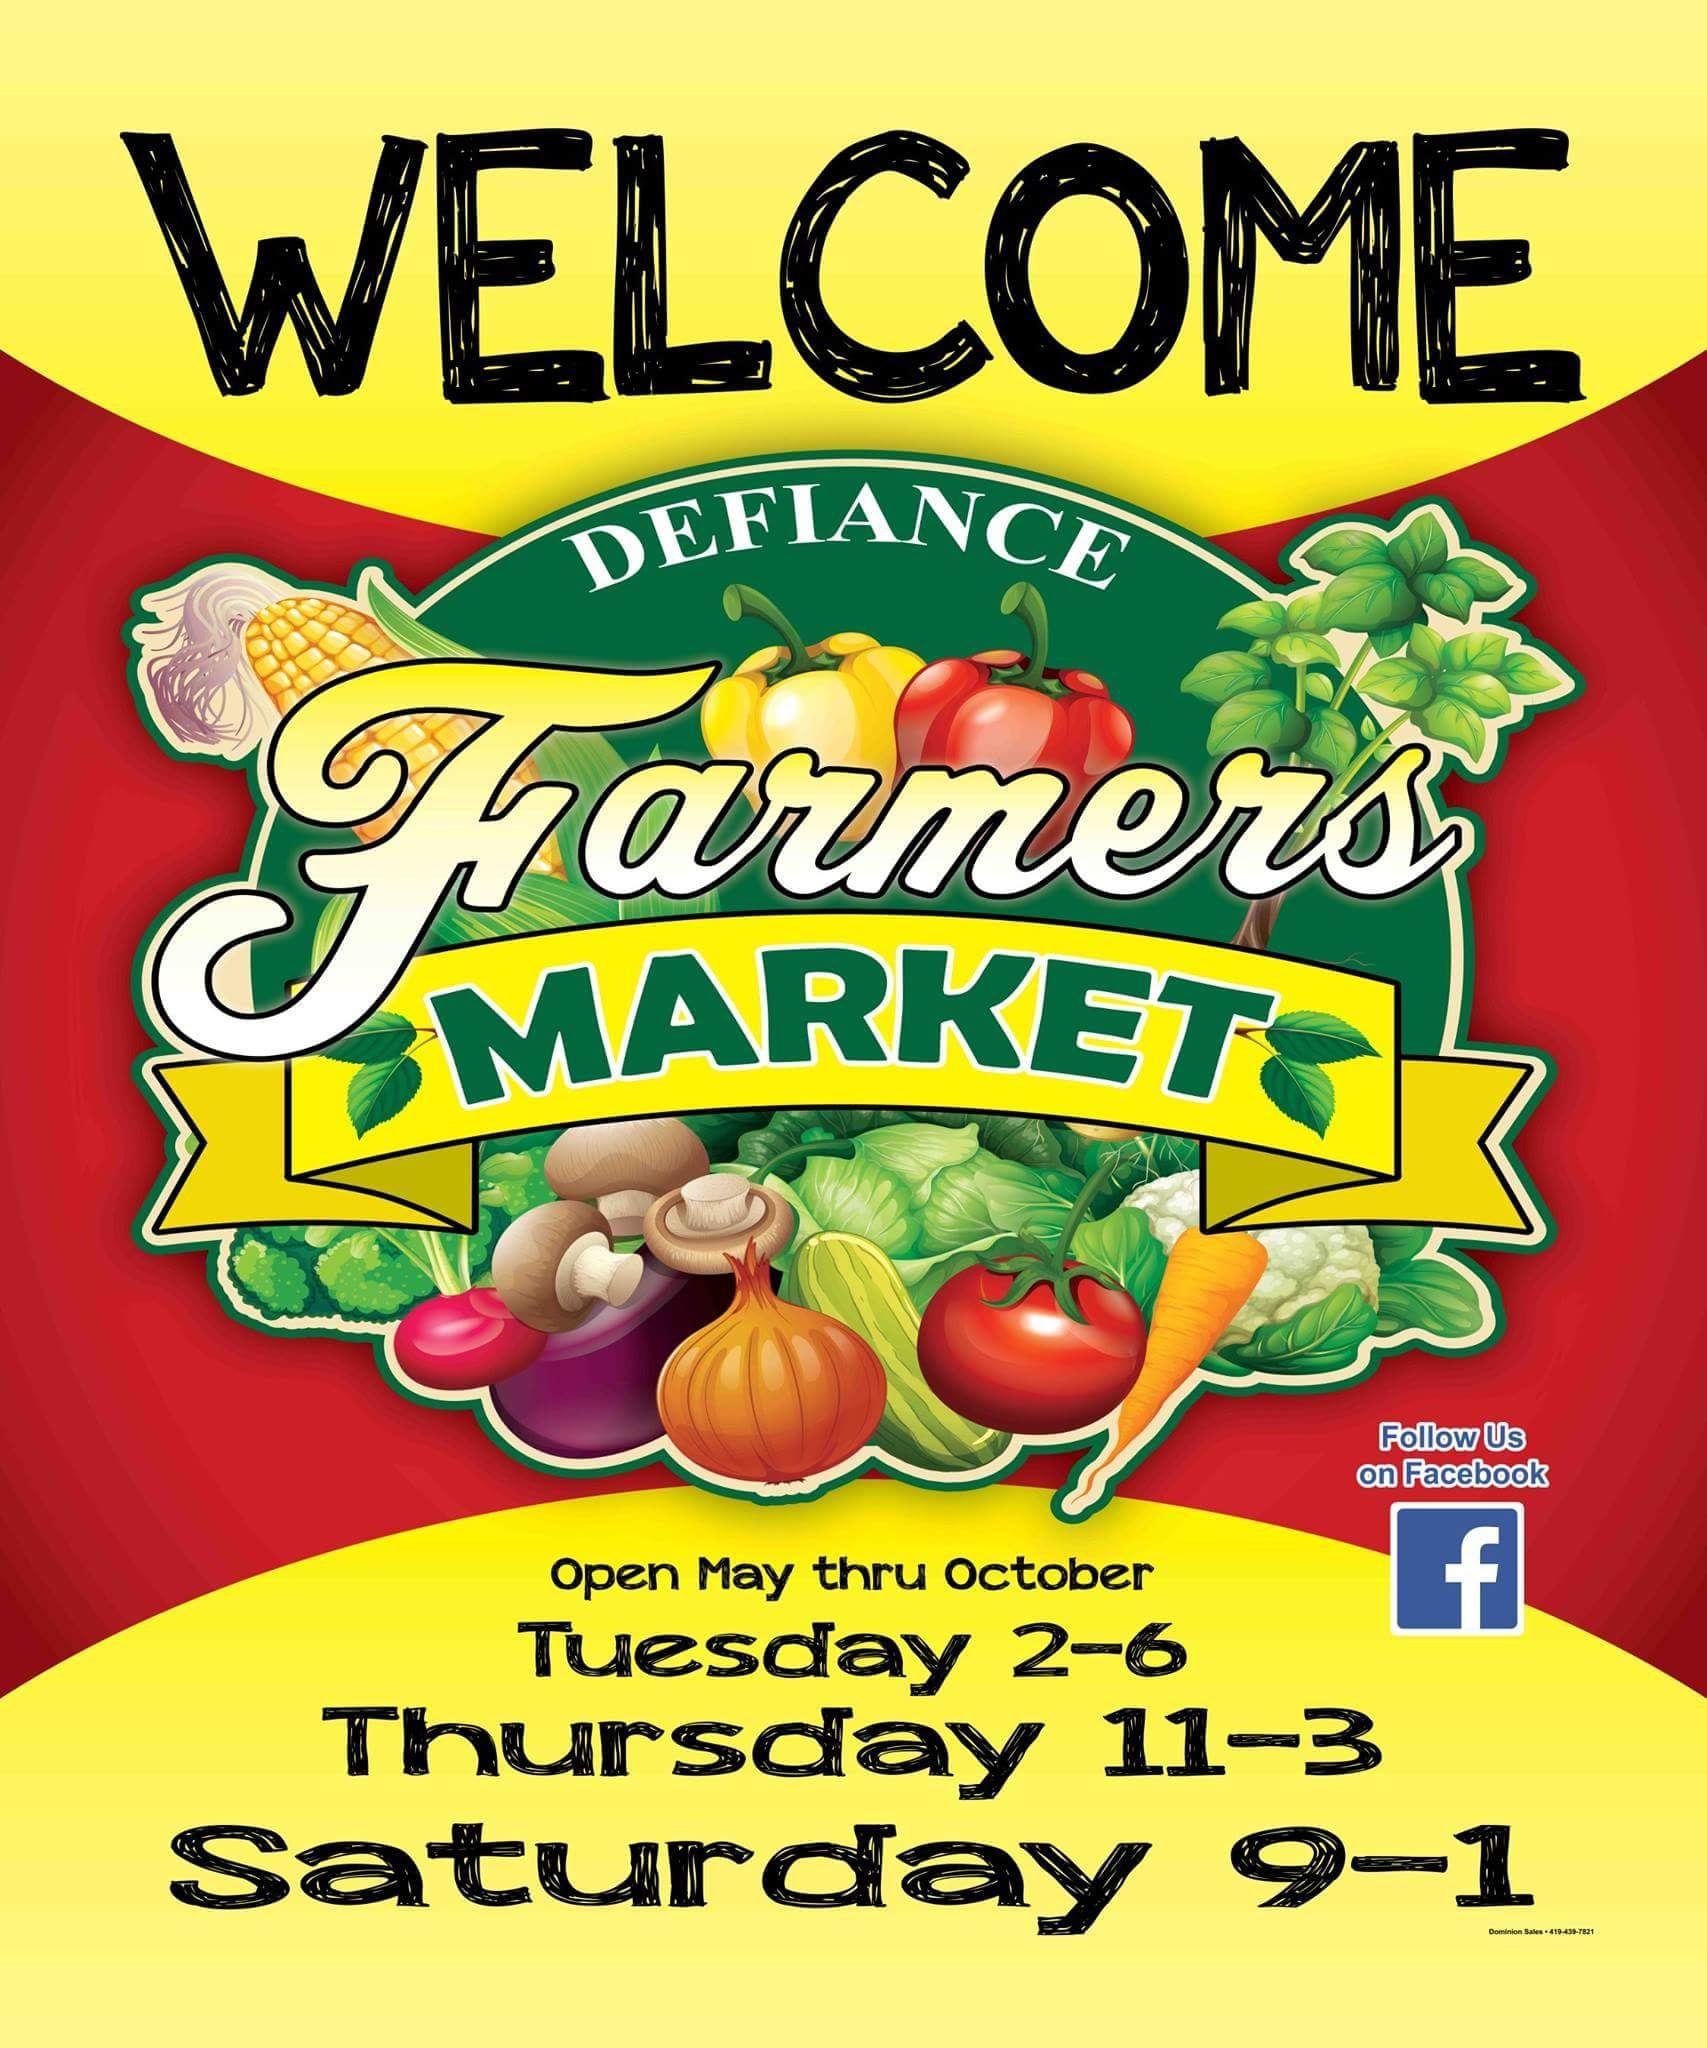 Defiance Farmers Market